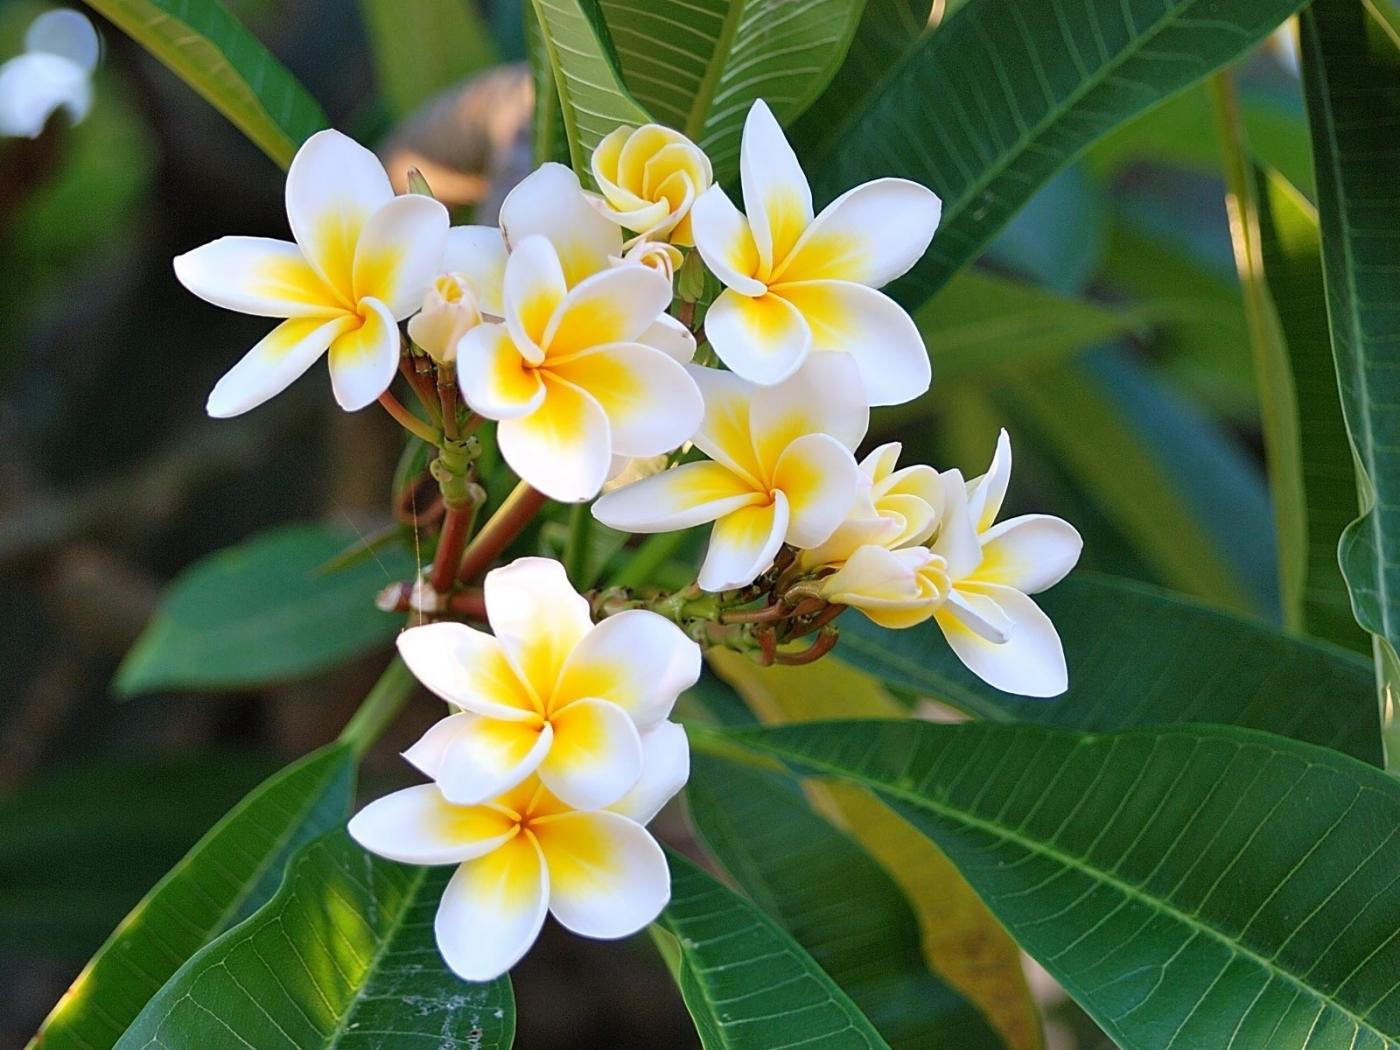 31800 Hintergrundbild herunterladen Blumen, Pflanzen - Bildschirmschoner und Bilder kostenlos